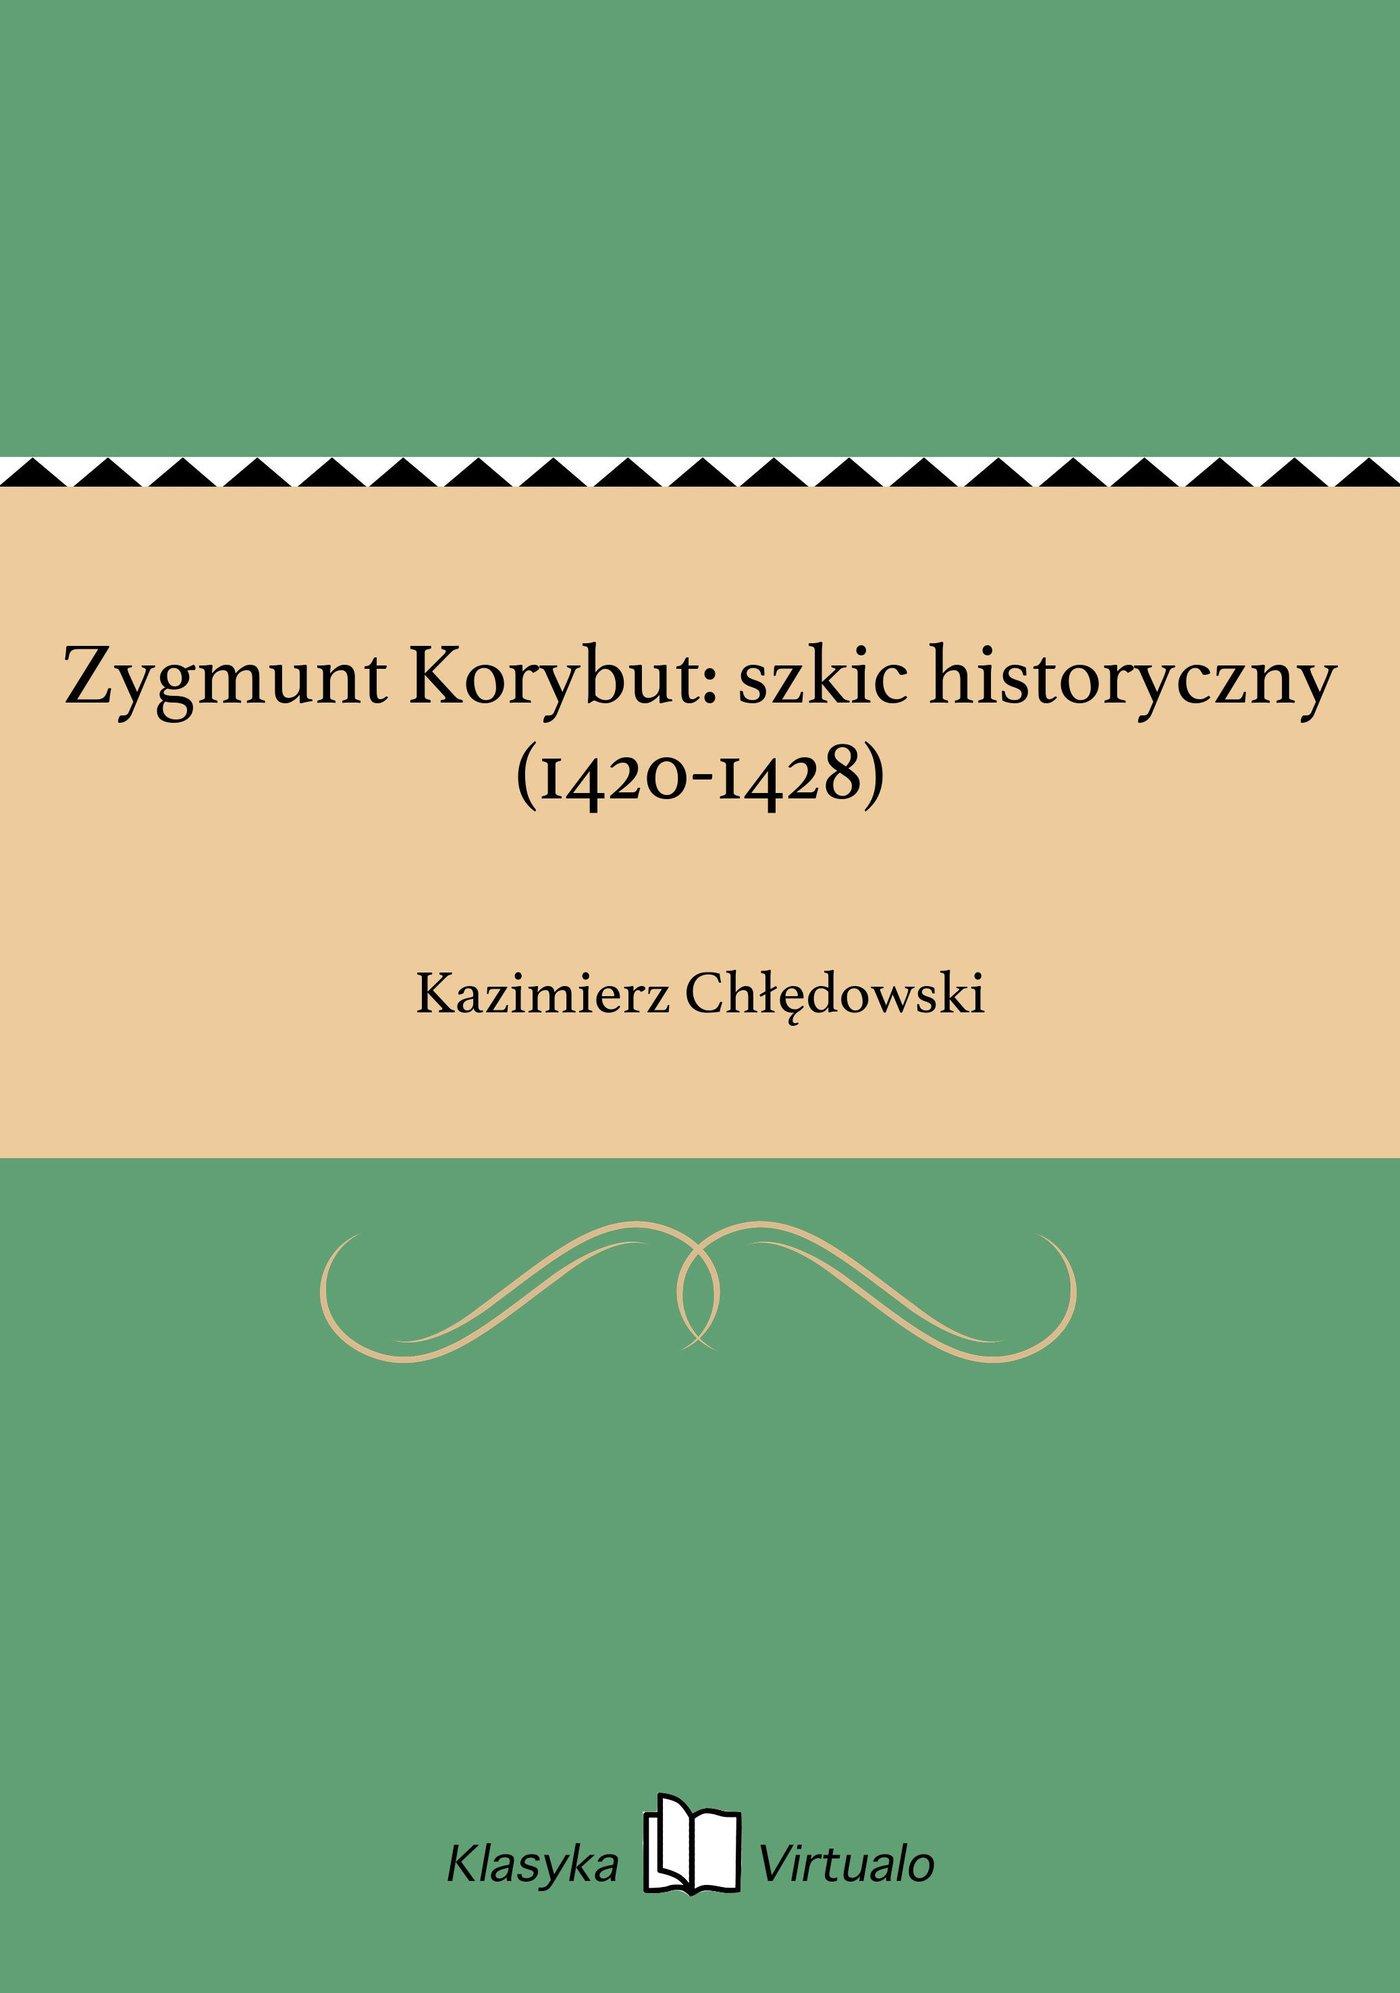 Zygmunt Korybut: szkic historyczny (1420-1428) - Ebook (Książka na Kindle) do pobrania w formacie MOBI